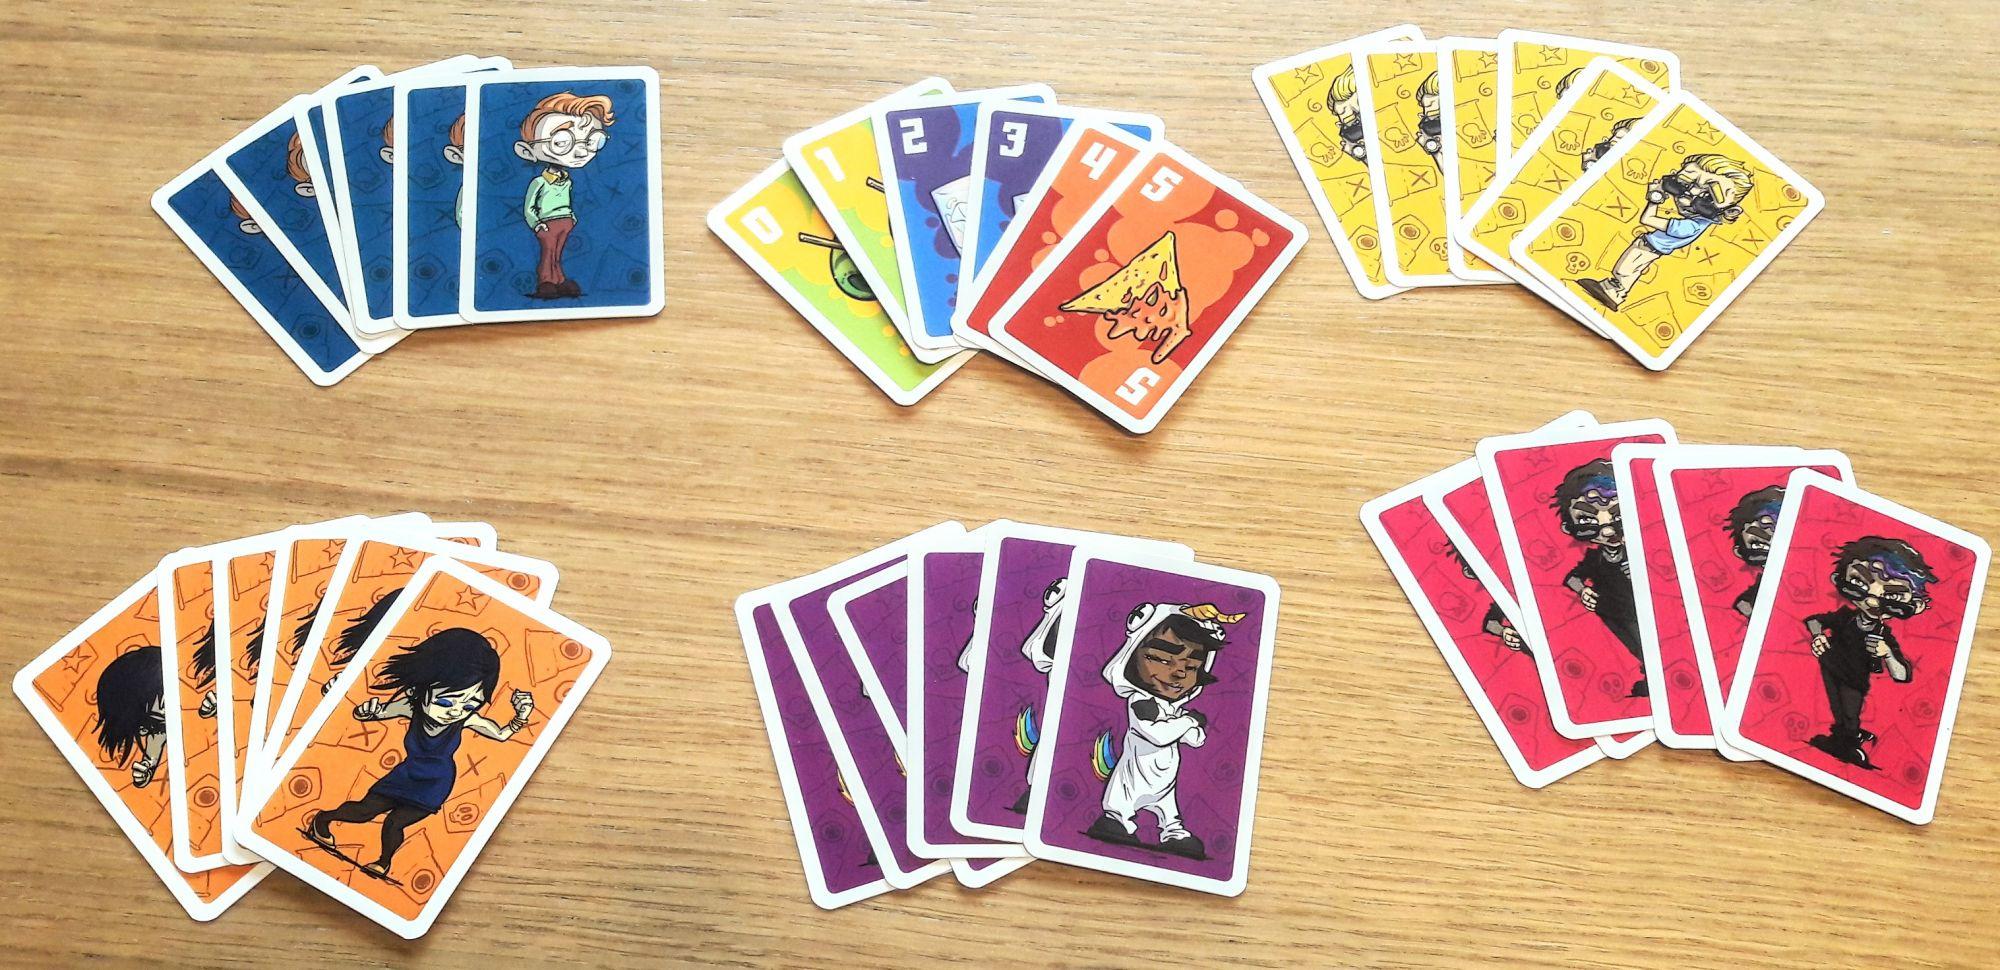 Chacun sa couleur avec ses 6 cartes vote de 0 à 5.